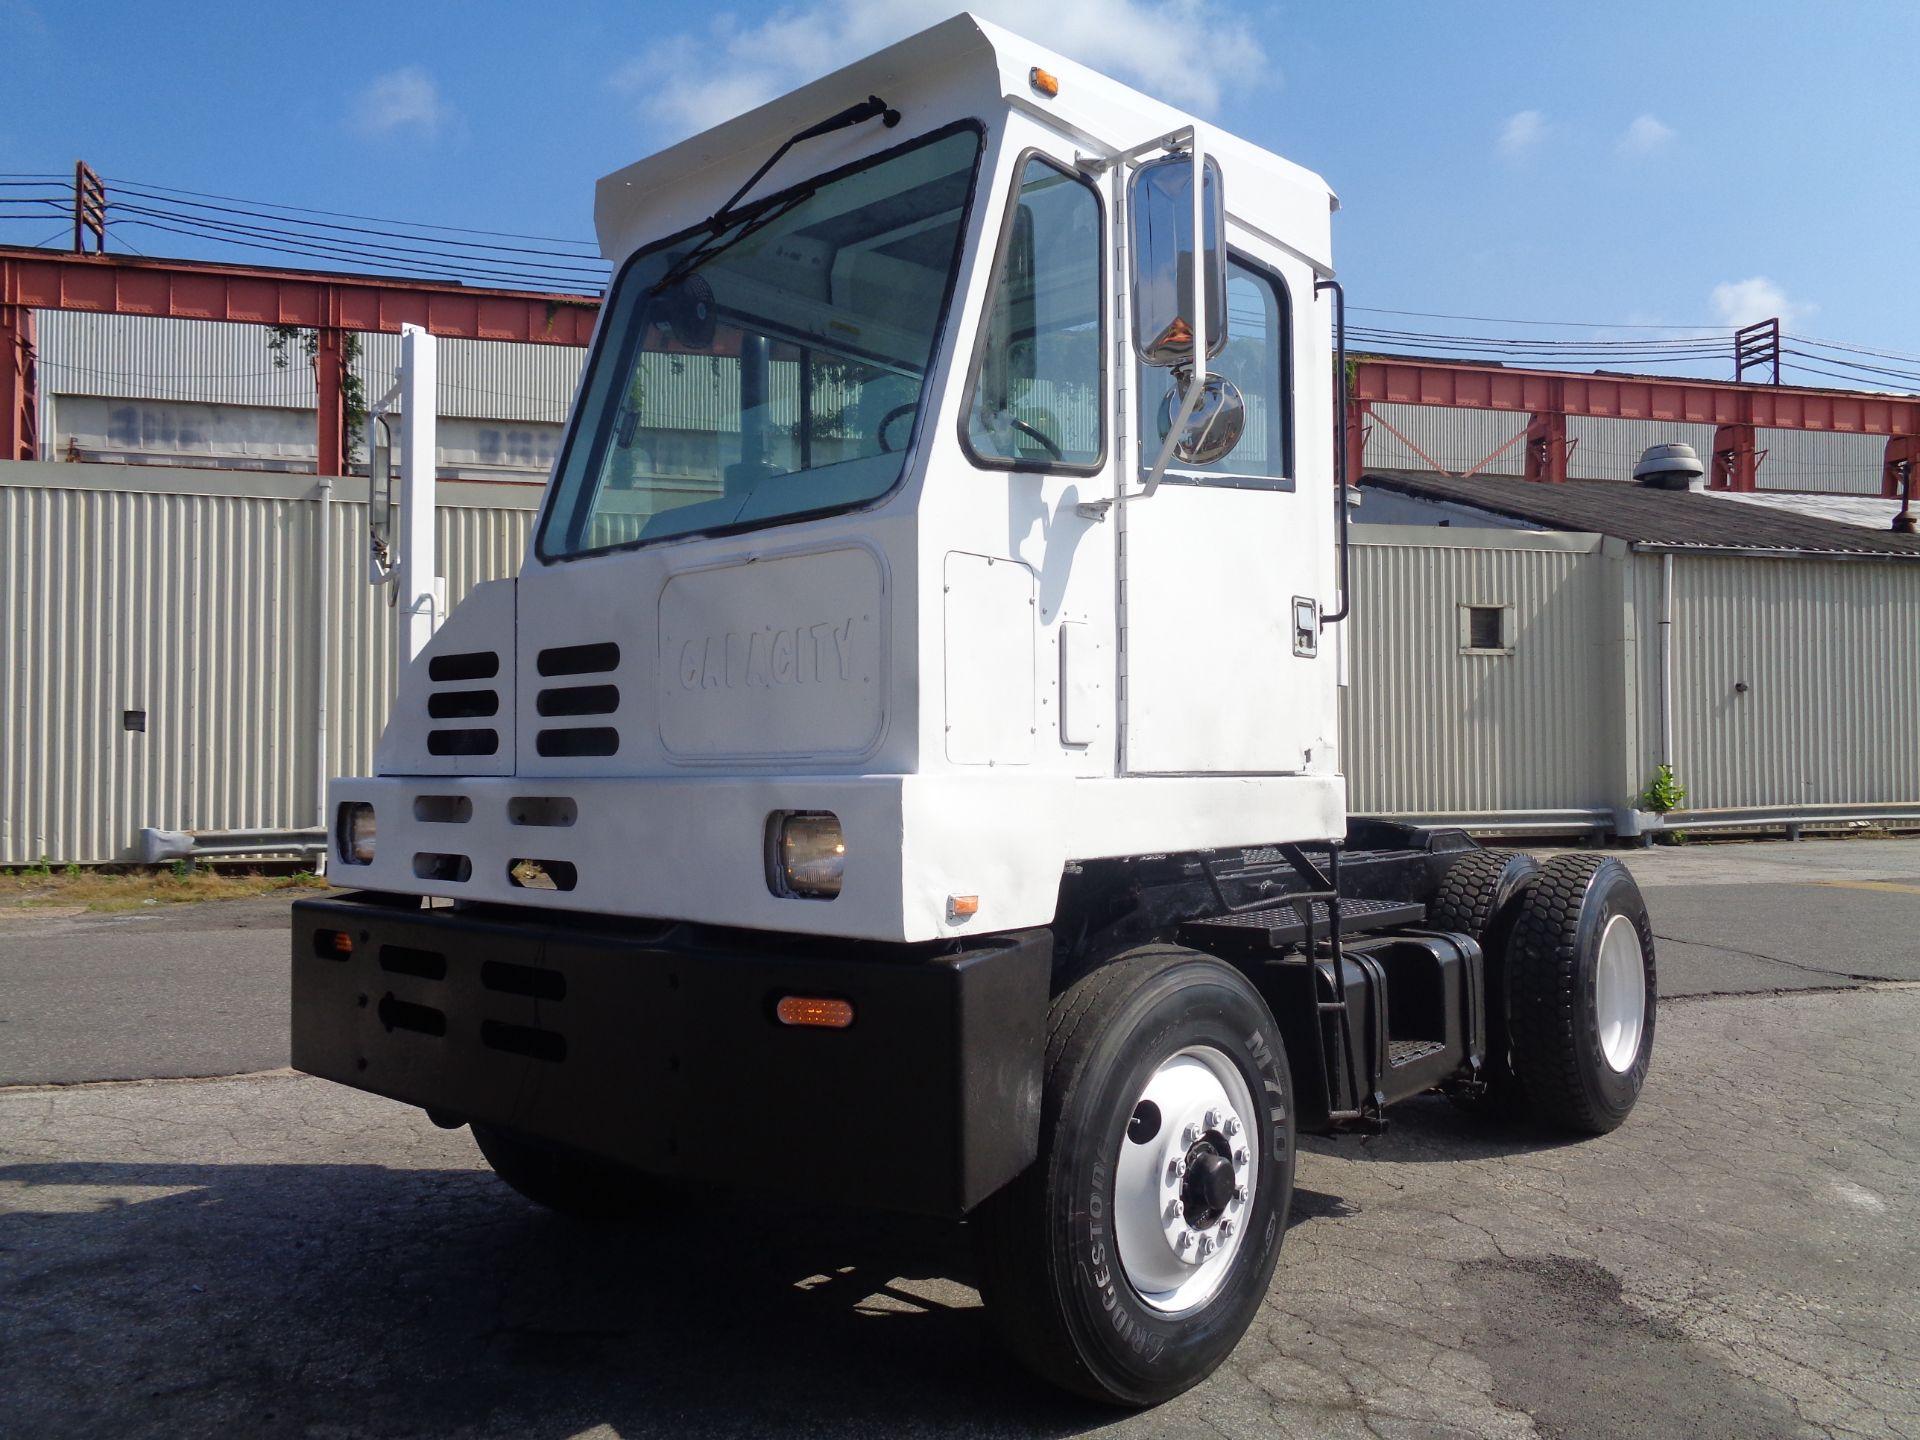 Lot 27 - 2002 Capacity TJ5000 Jockey Truck